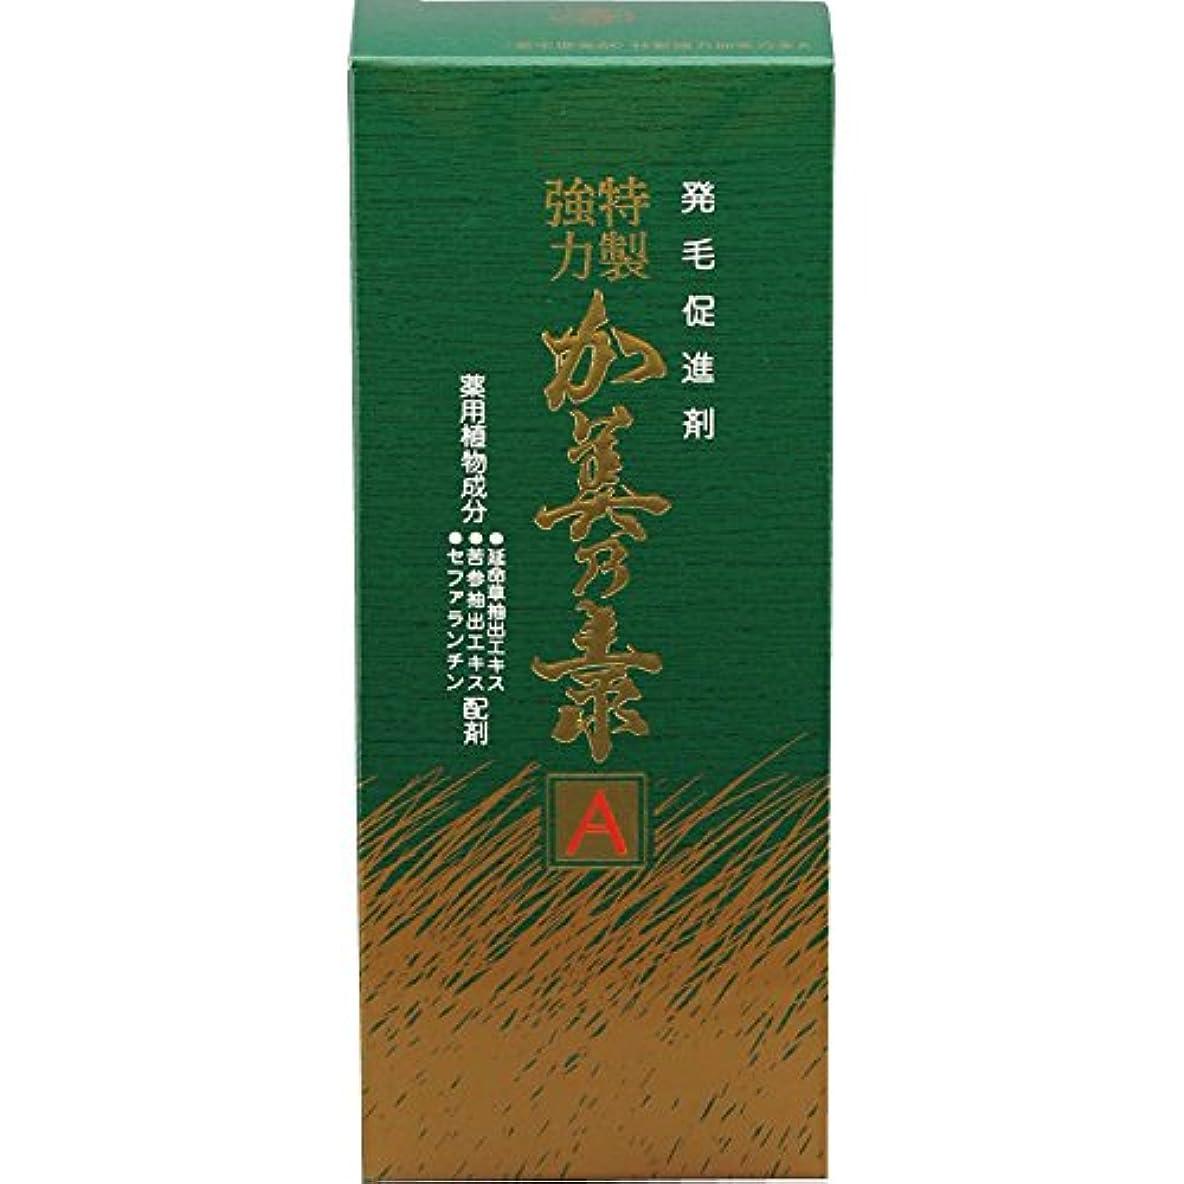 紳士ハックおとこ特製強力加美乃素A フレッシュシトラスの香り 180mL 【医薬部外品】